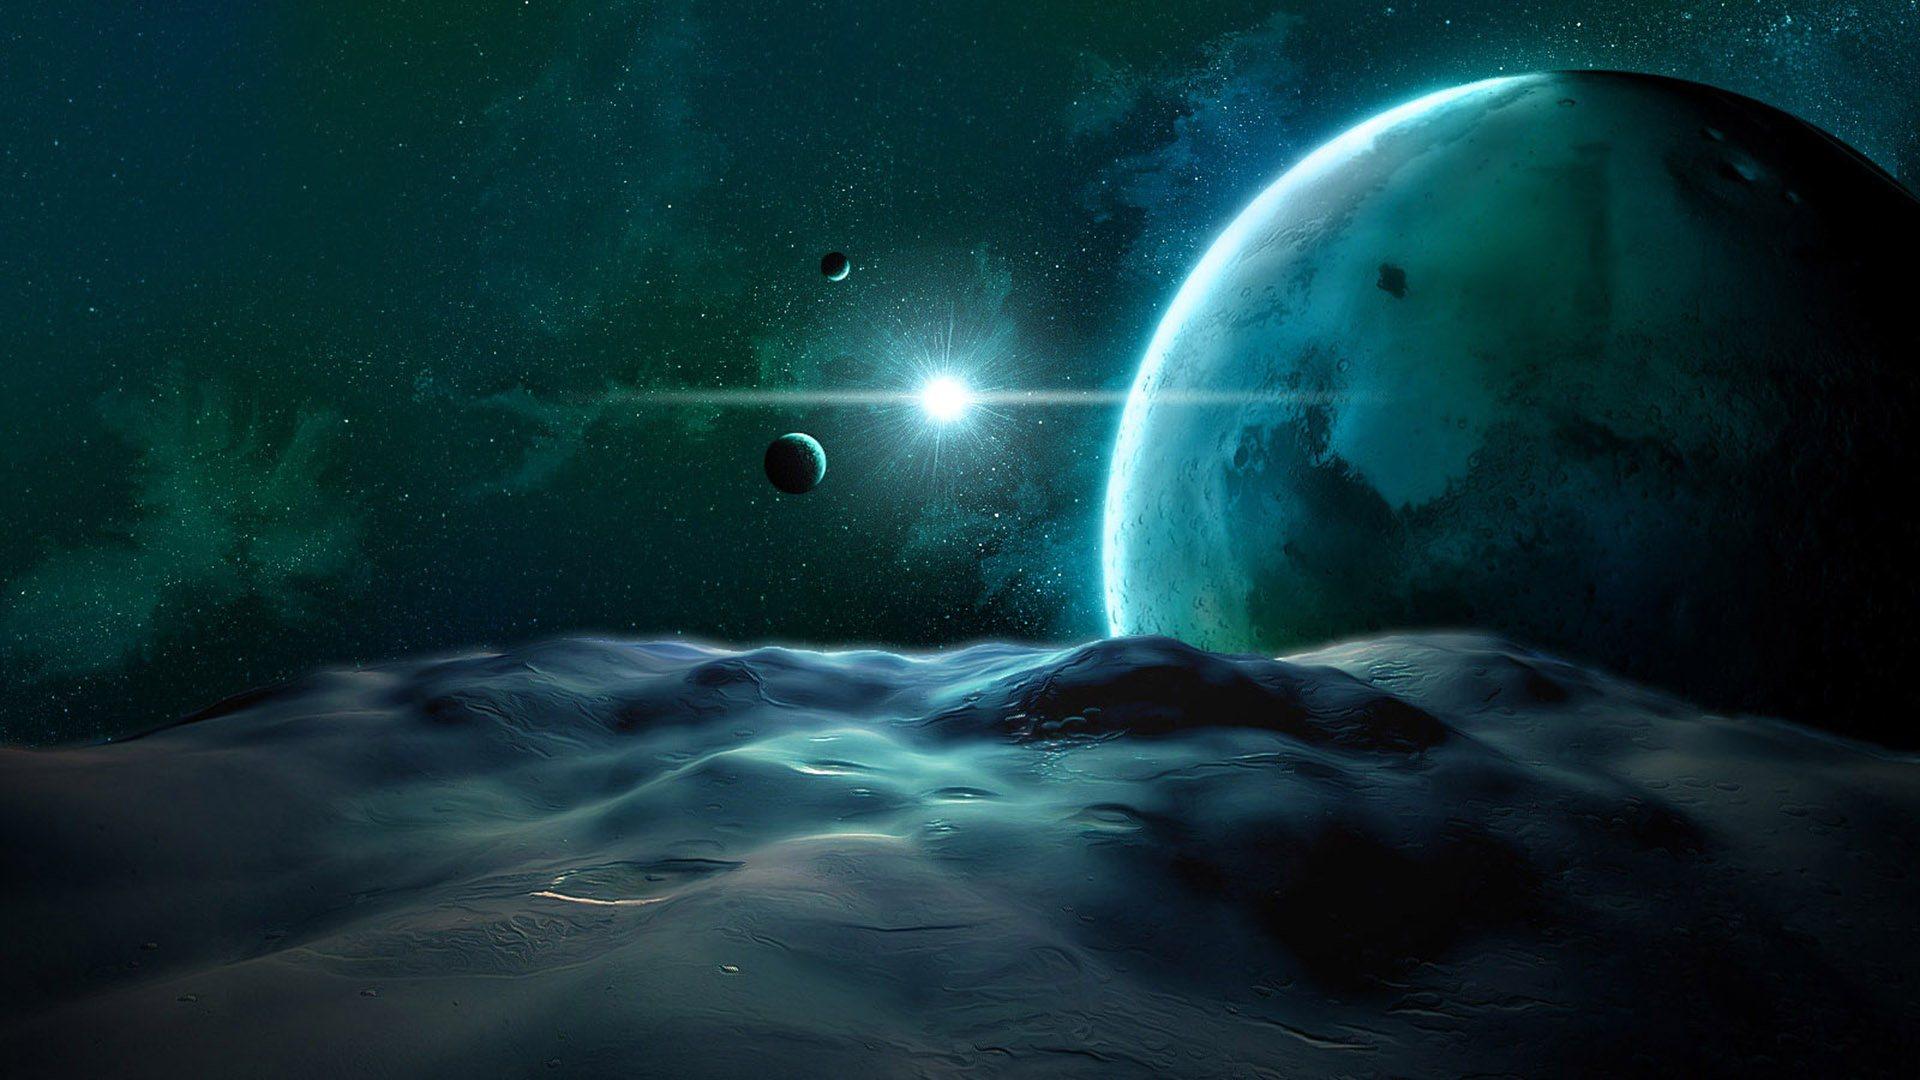 инопланетный ландшафт, обои на рабочий стол, космос